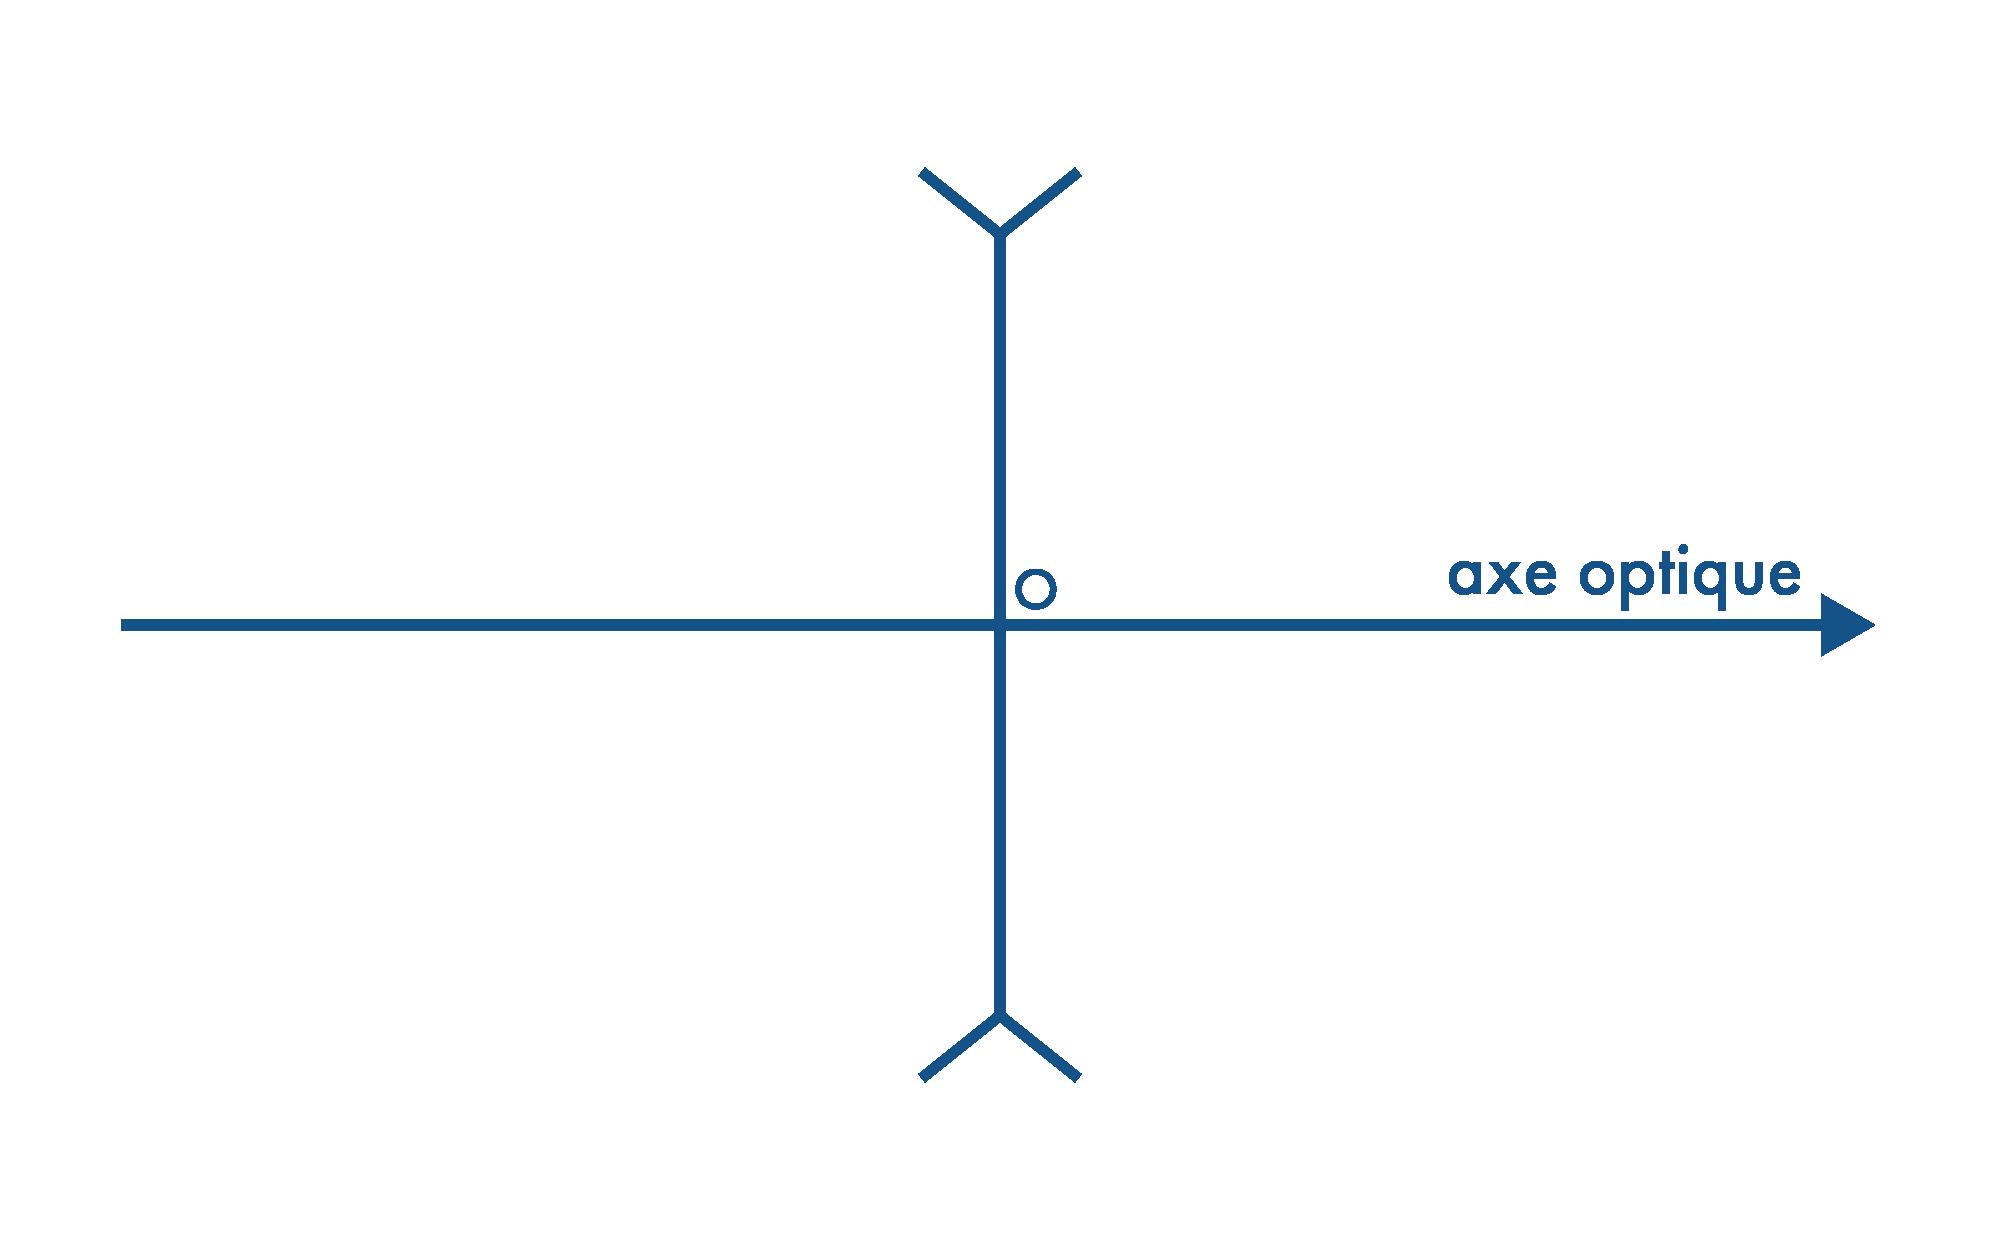 Lentille divergente placée sur un axe optique orienté